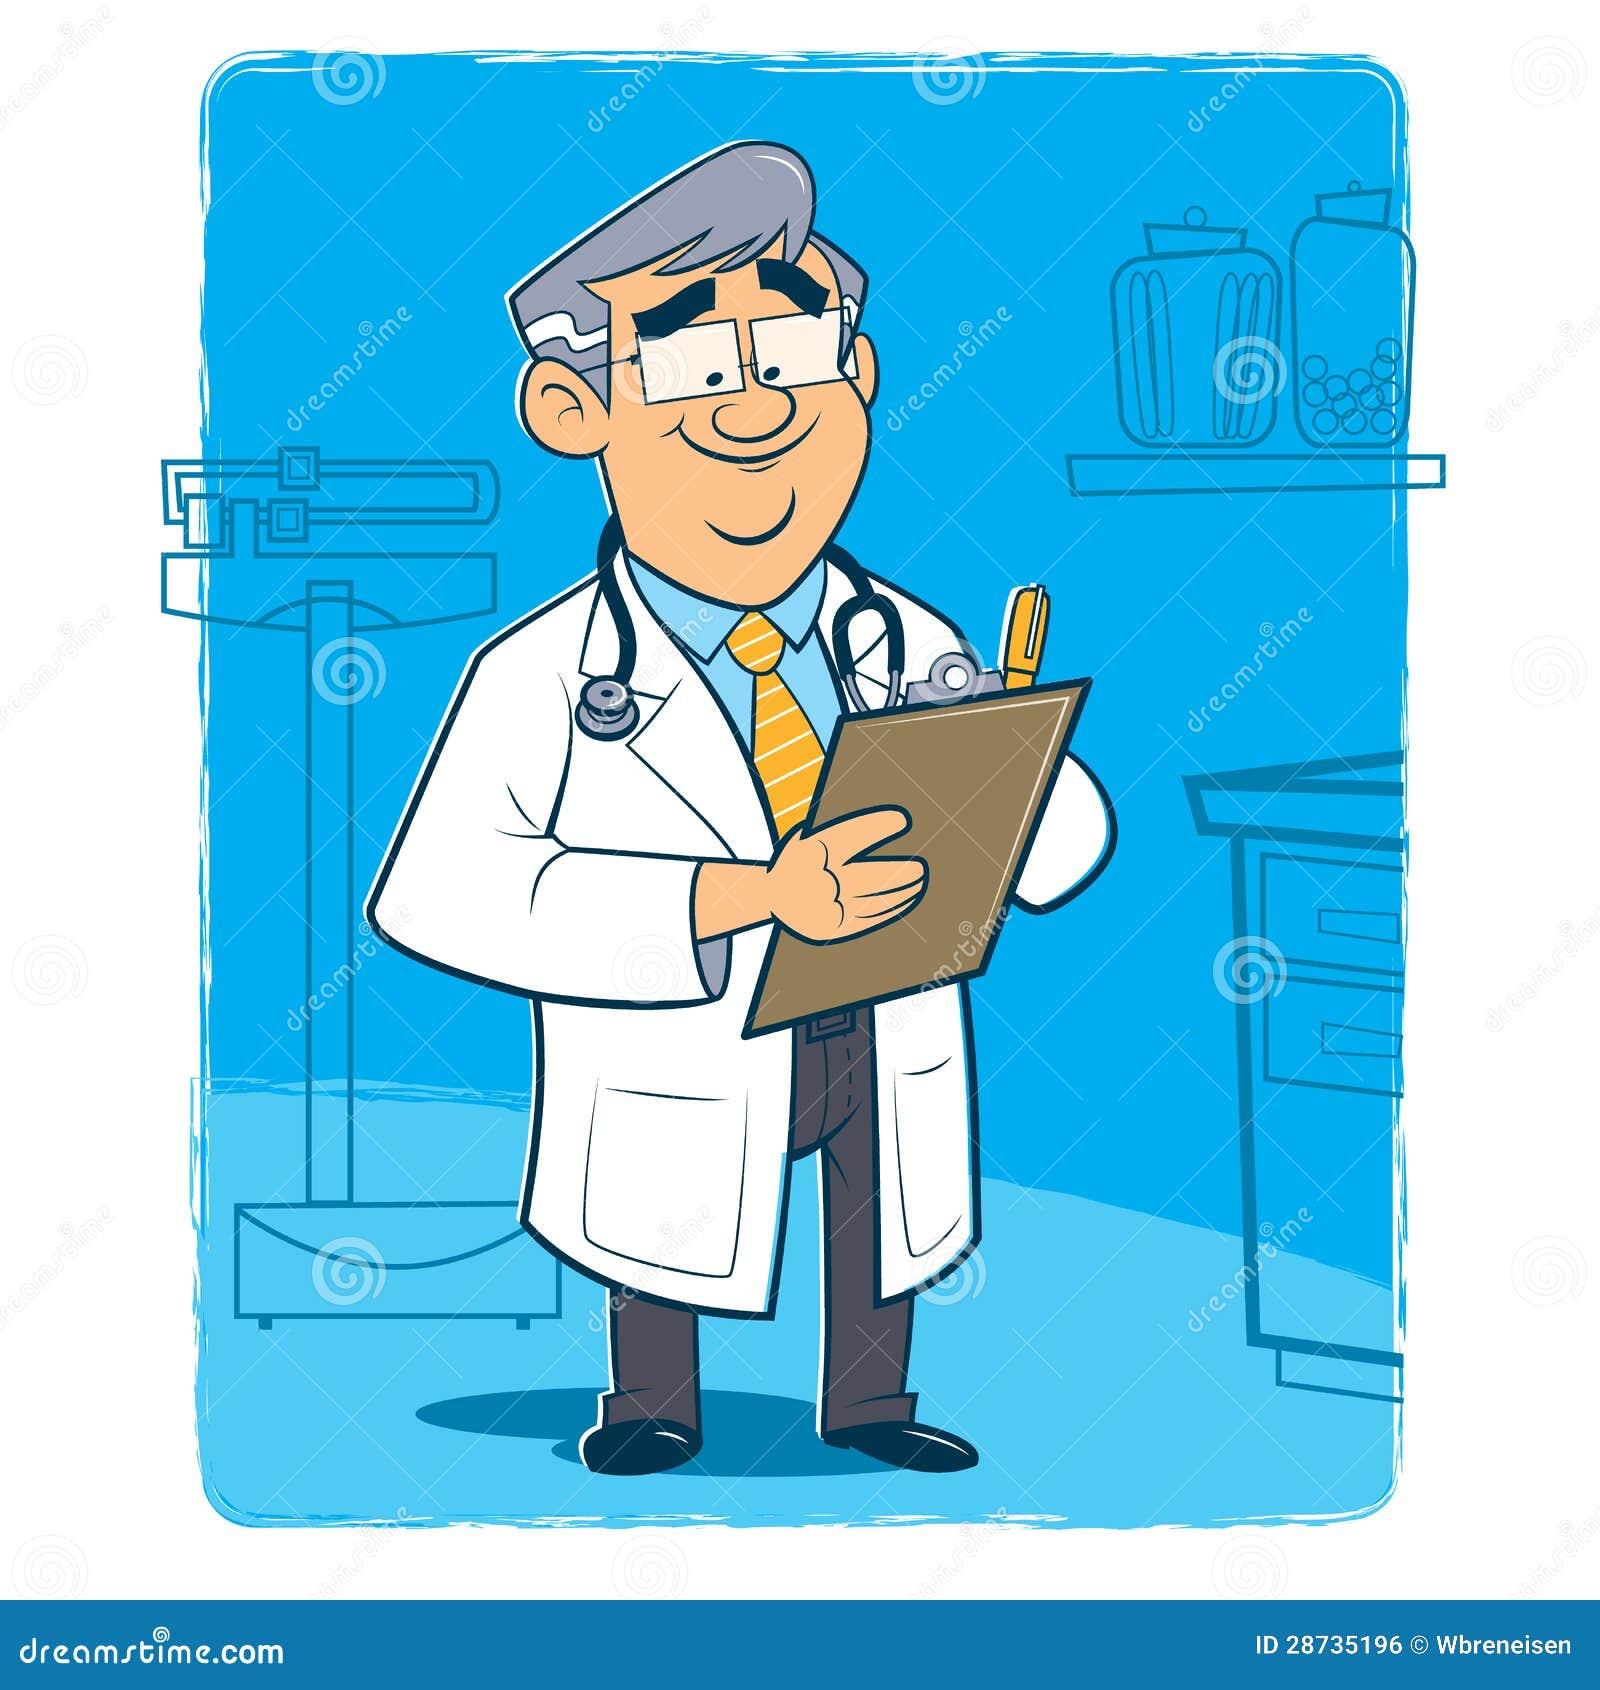 男性医生图片